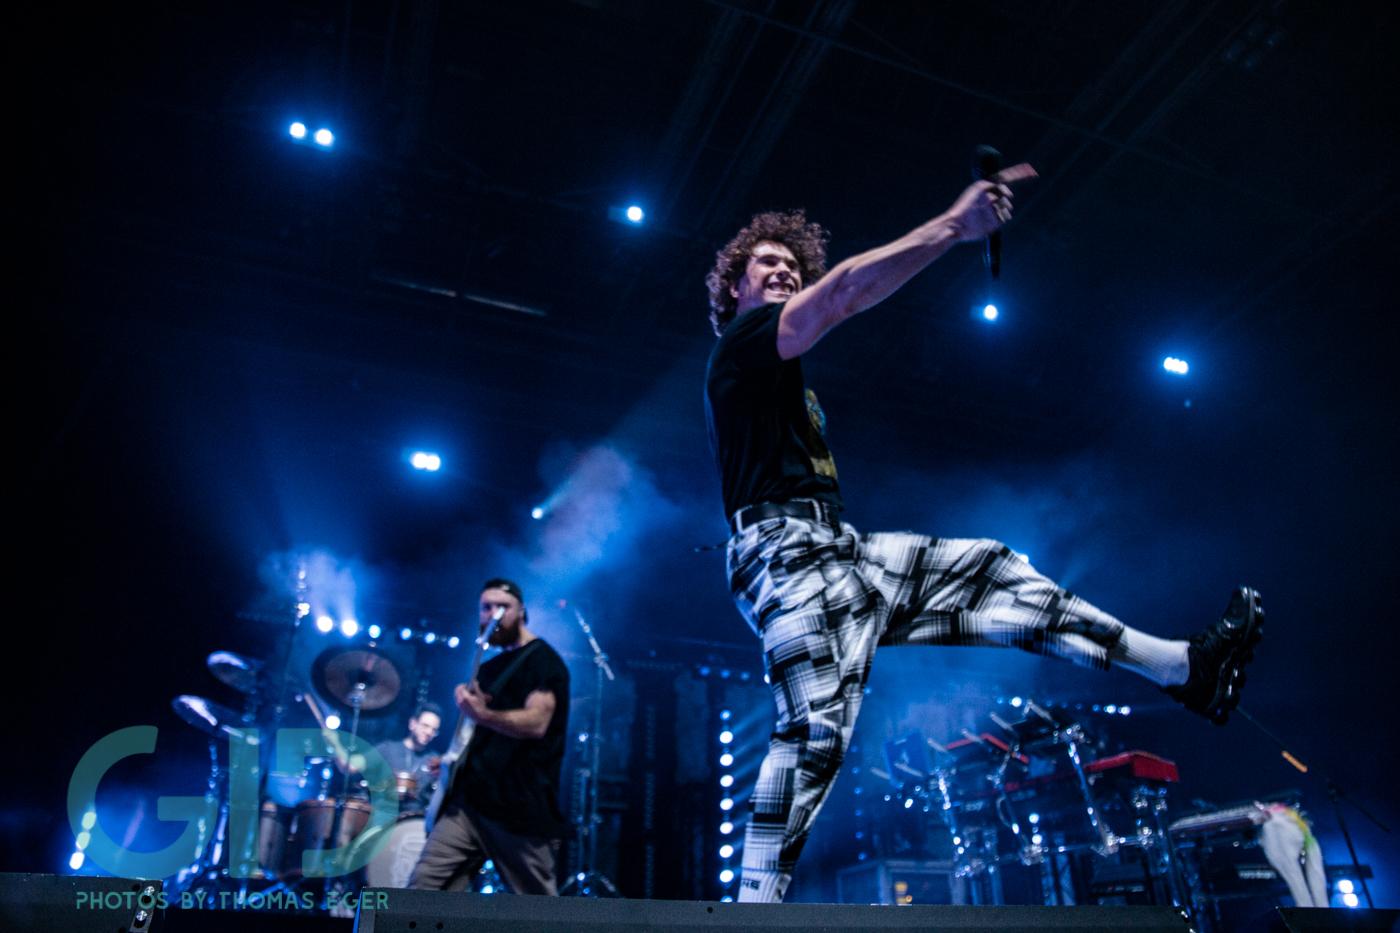 Mike-Shinoda-Hamburg-08.03.19-88